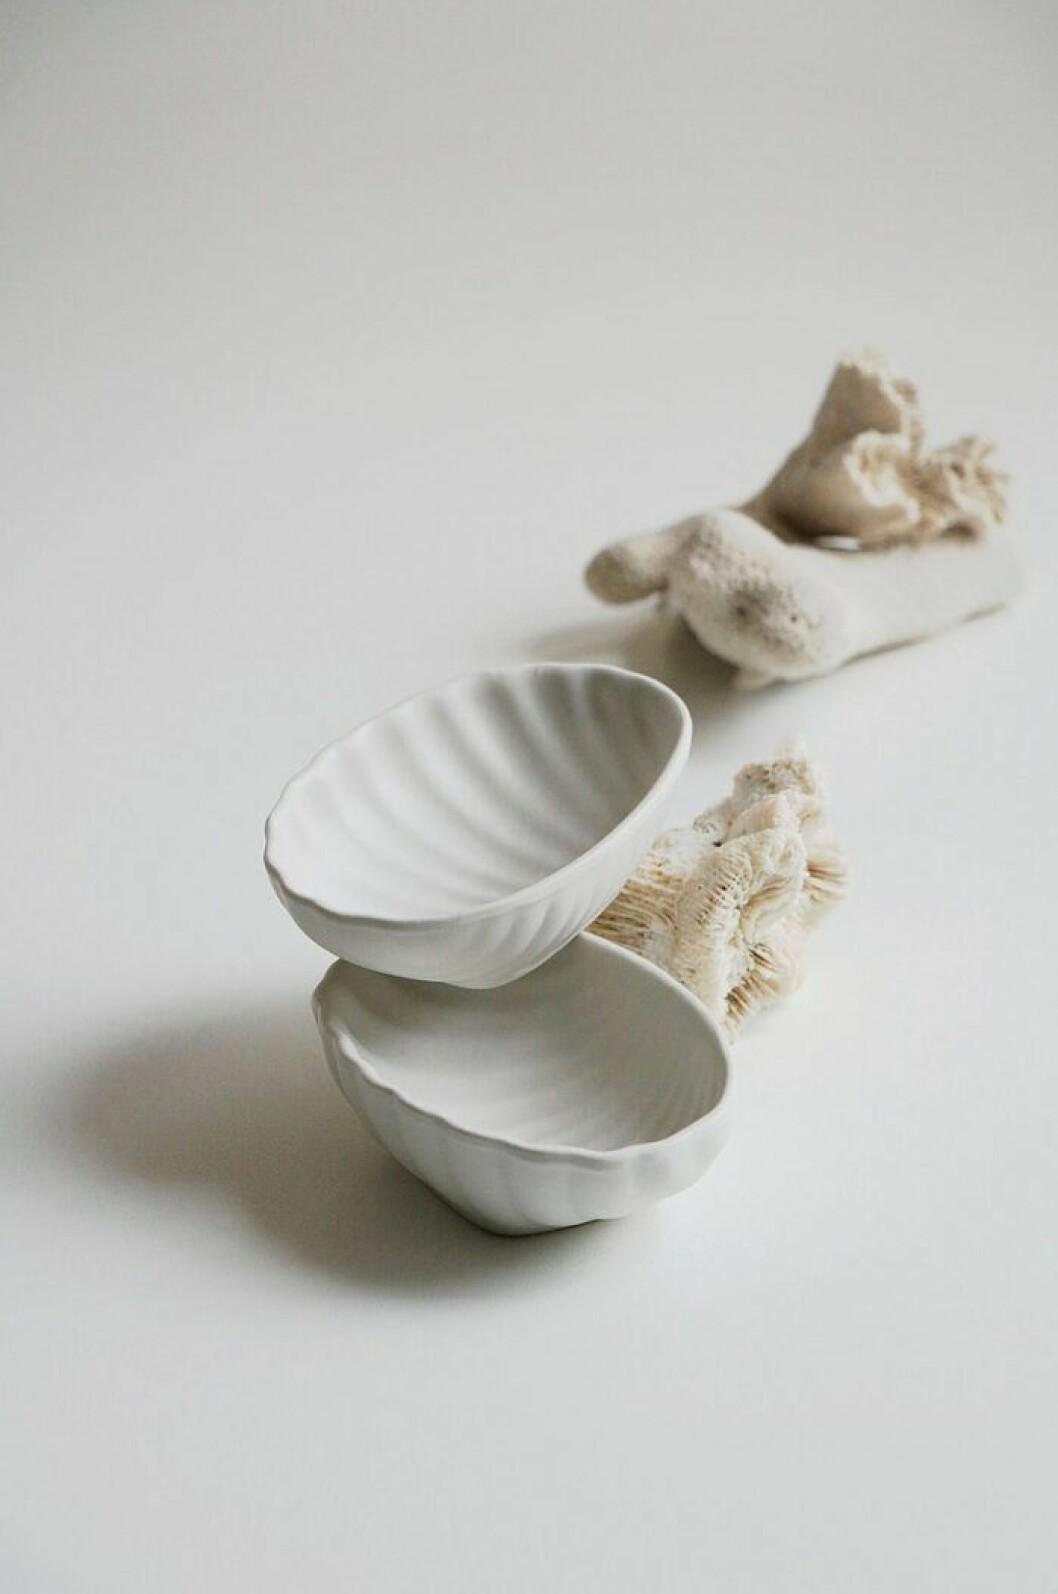 Trendiga snäckformade skålar